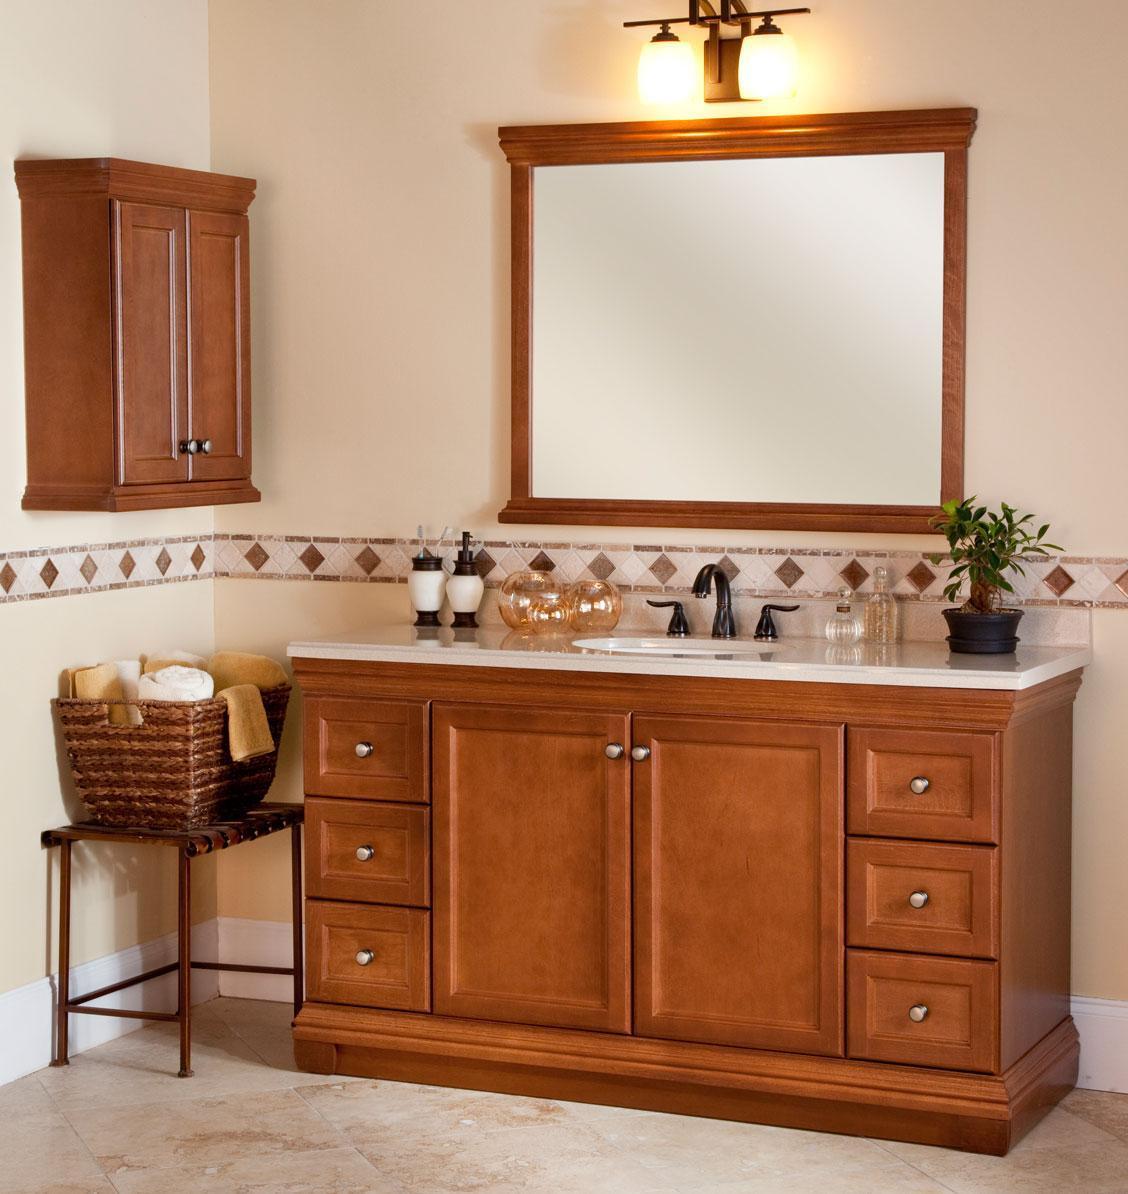 Muebles cl sicos de madera anchos gb1023 del cuarto de for Muebles de madera para banos modernos